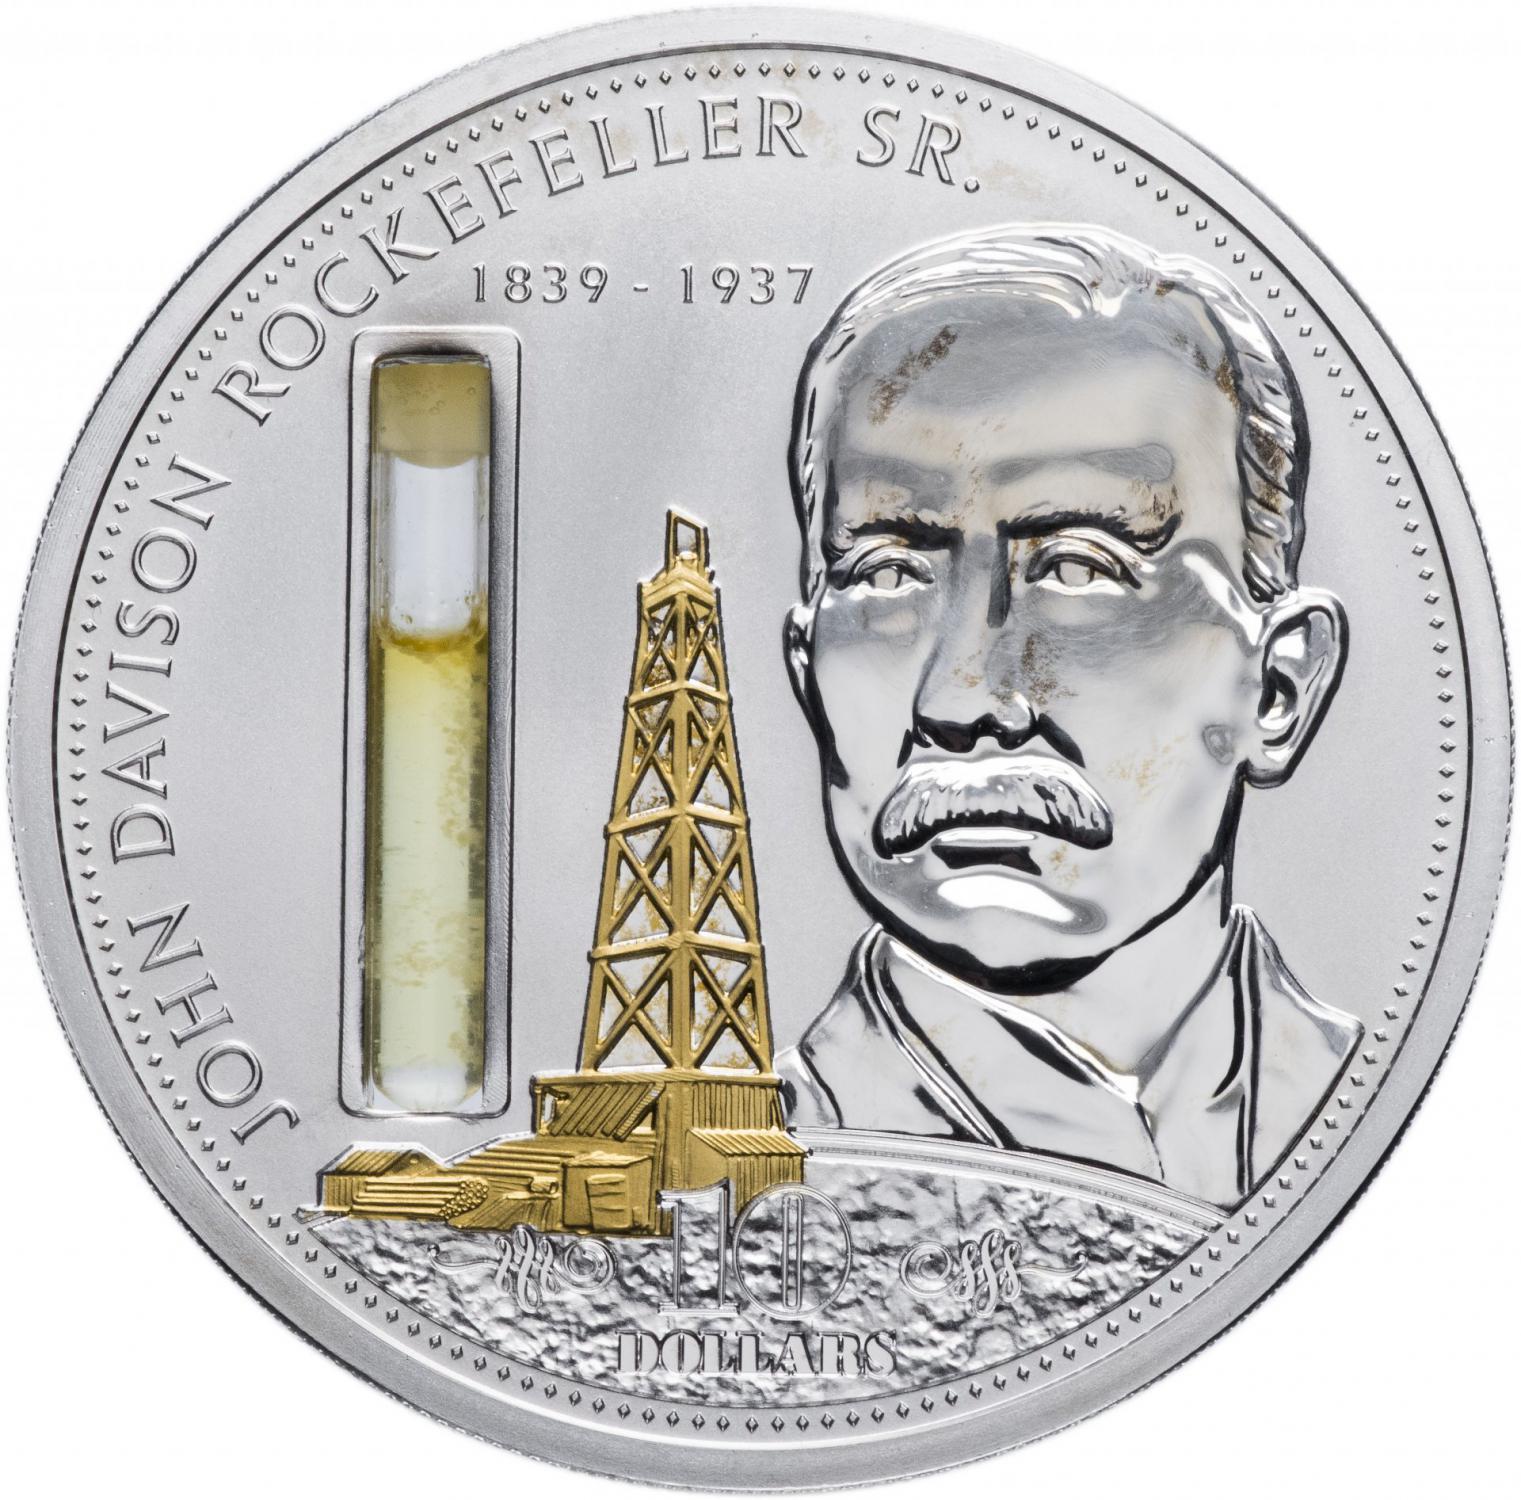 Нефтяная империя Рокфеллеров ведёт переговоры о возрождении (Борода Берни)